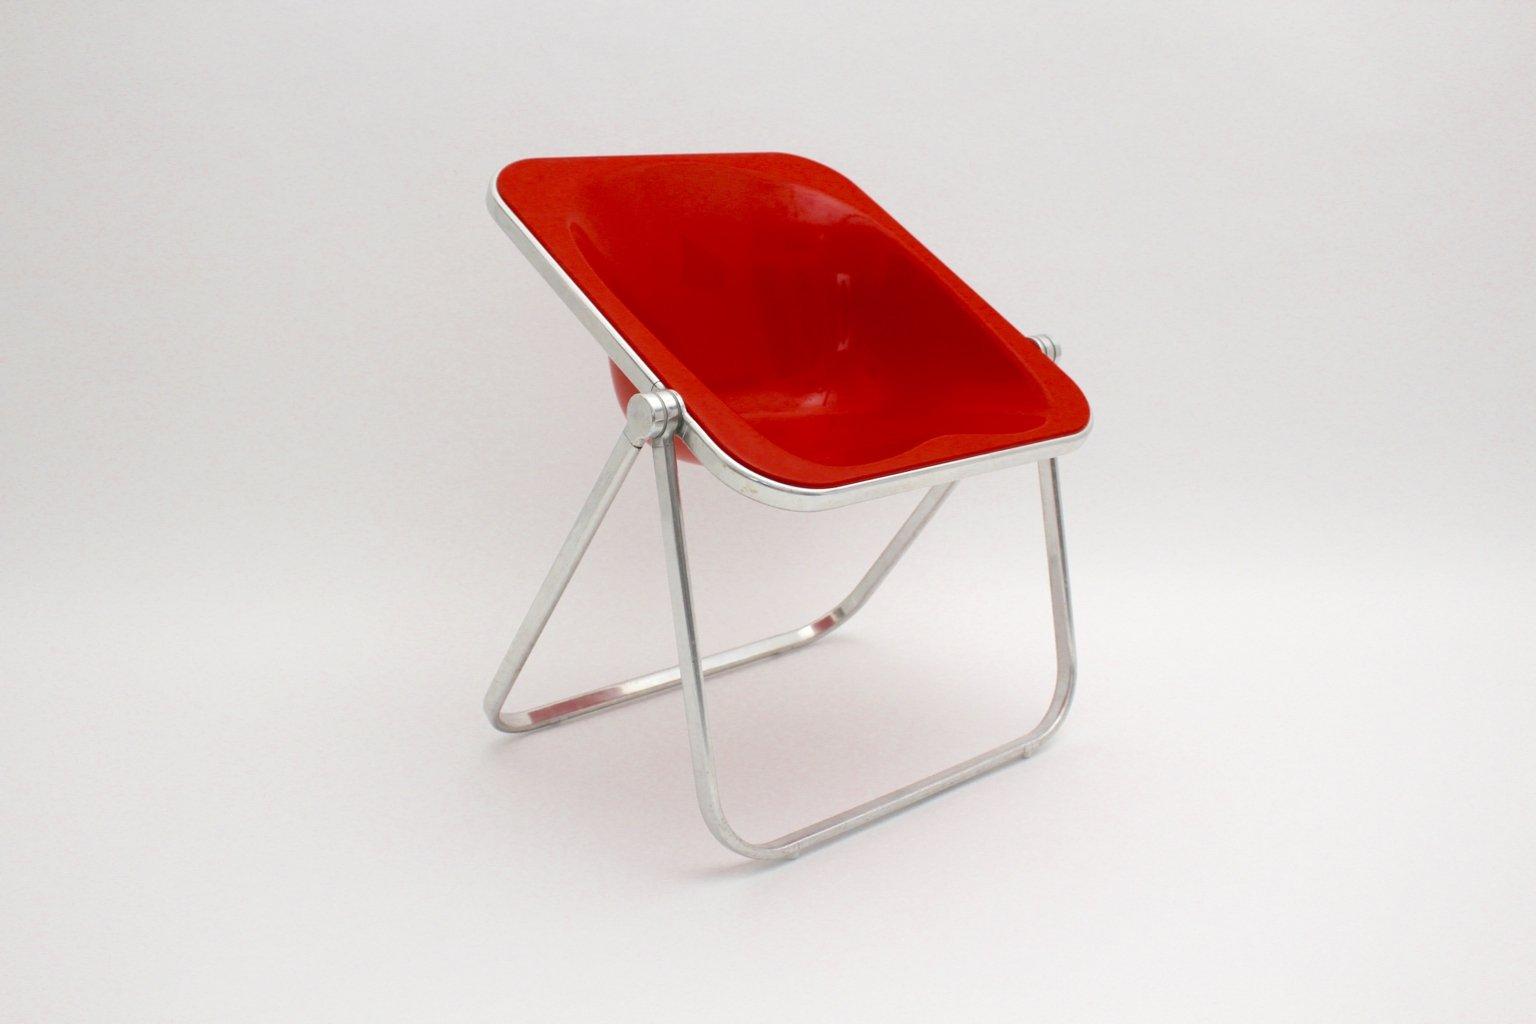 chaise pliante plona rouge par giancarlo piretti pour castelli 1969 en vente sur pamono. Black Bedroom Furniture Sets. Home Design Ideas